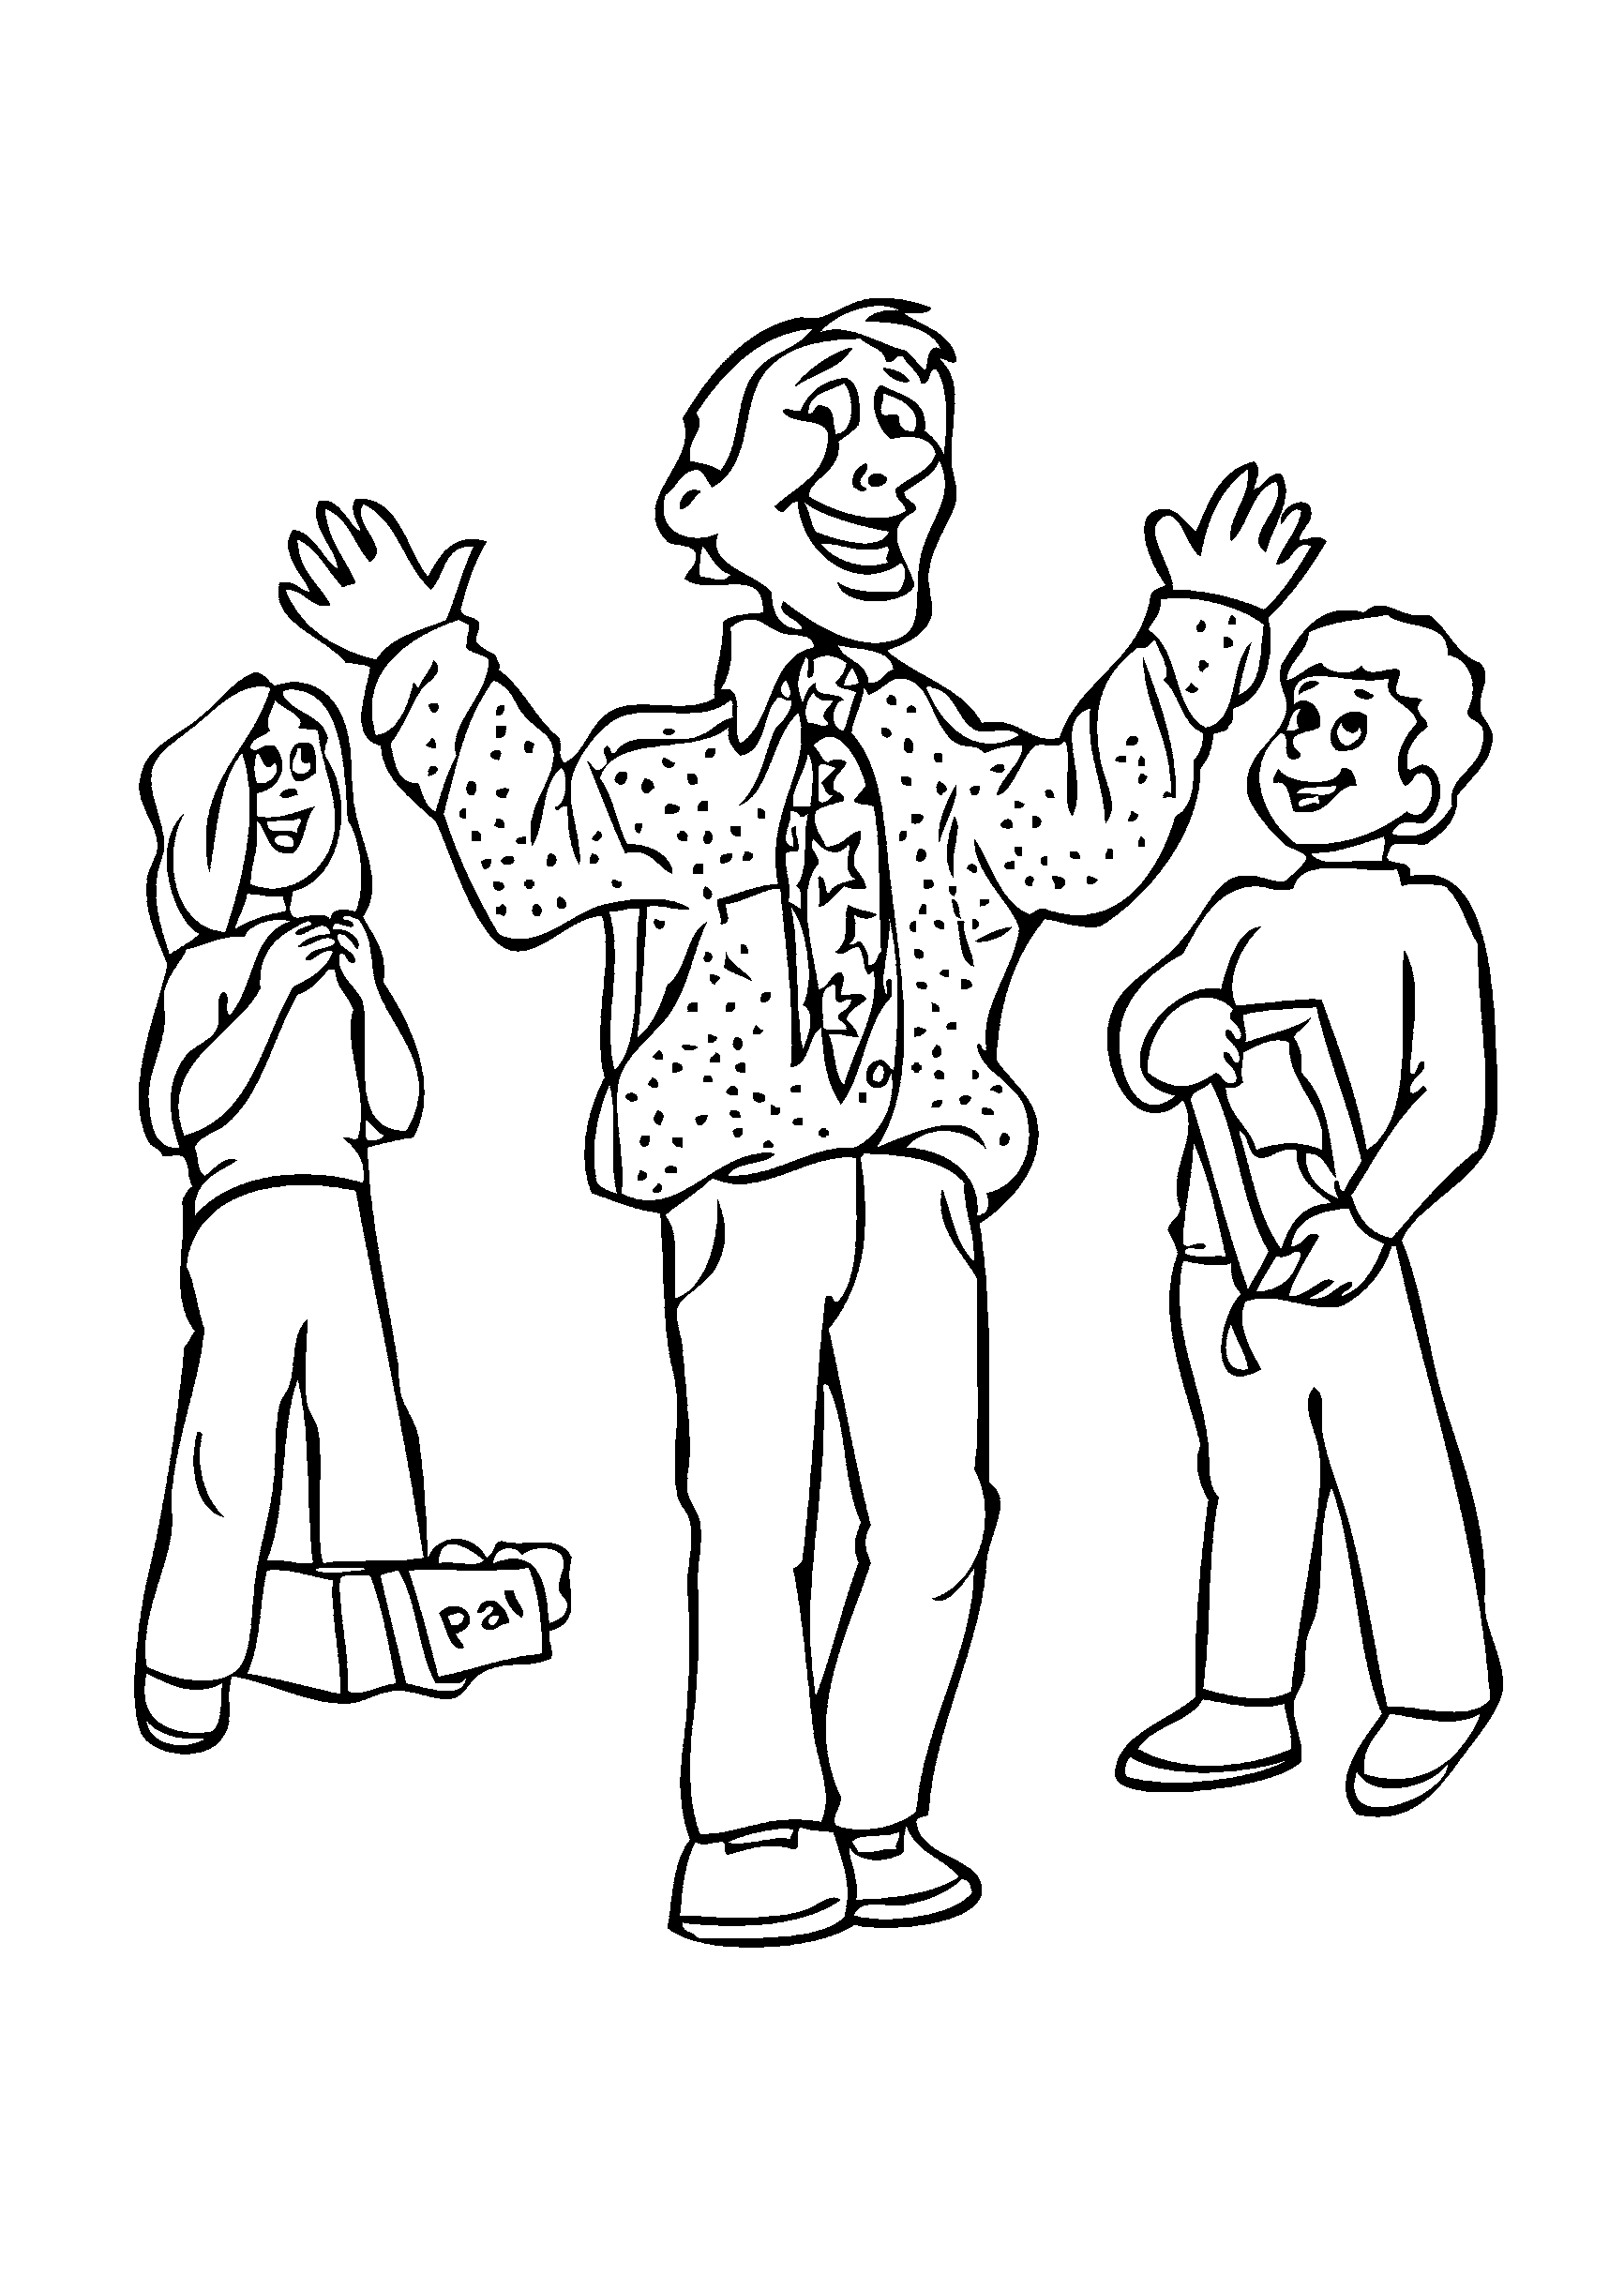 0237-dia-pais-desenho-ganhando-presente